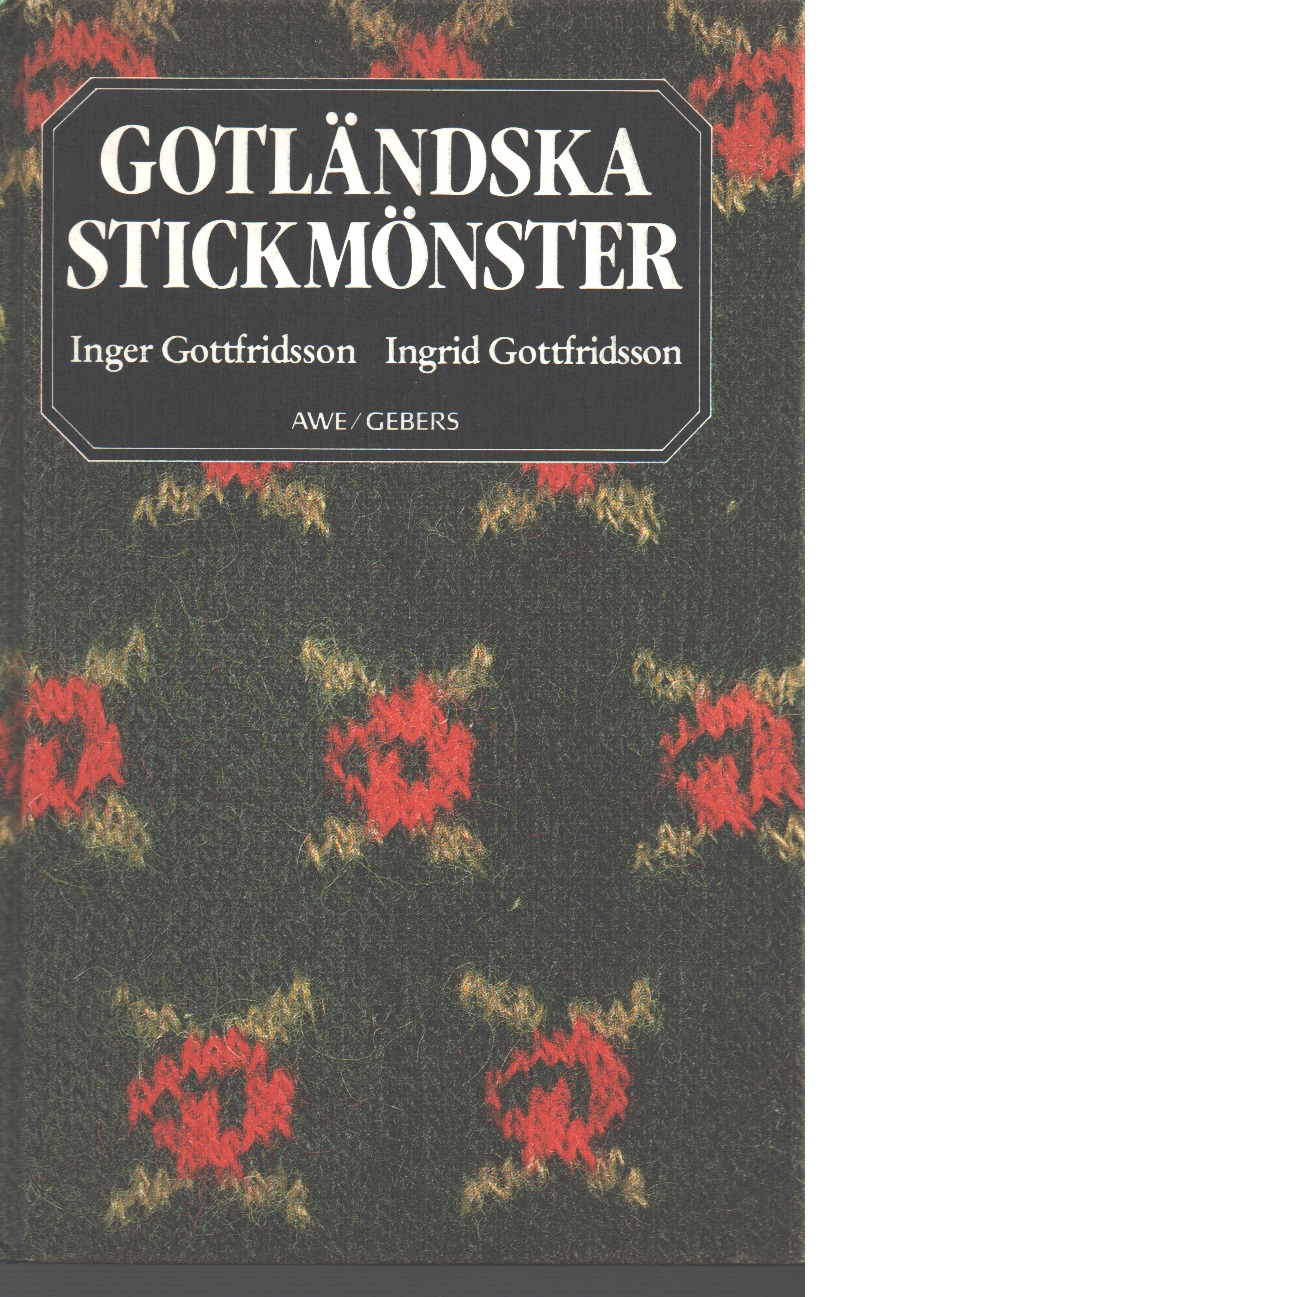 Gotländska stickmönster  - Gottfridsson, Inger och Gottfridsson, Ingrid,